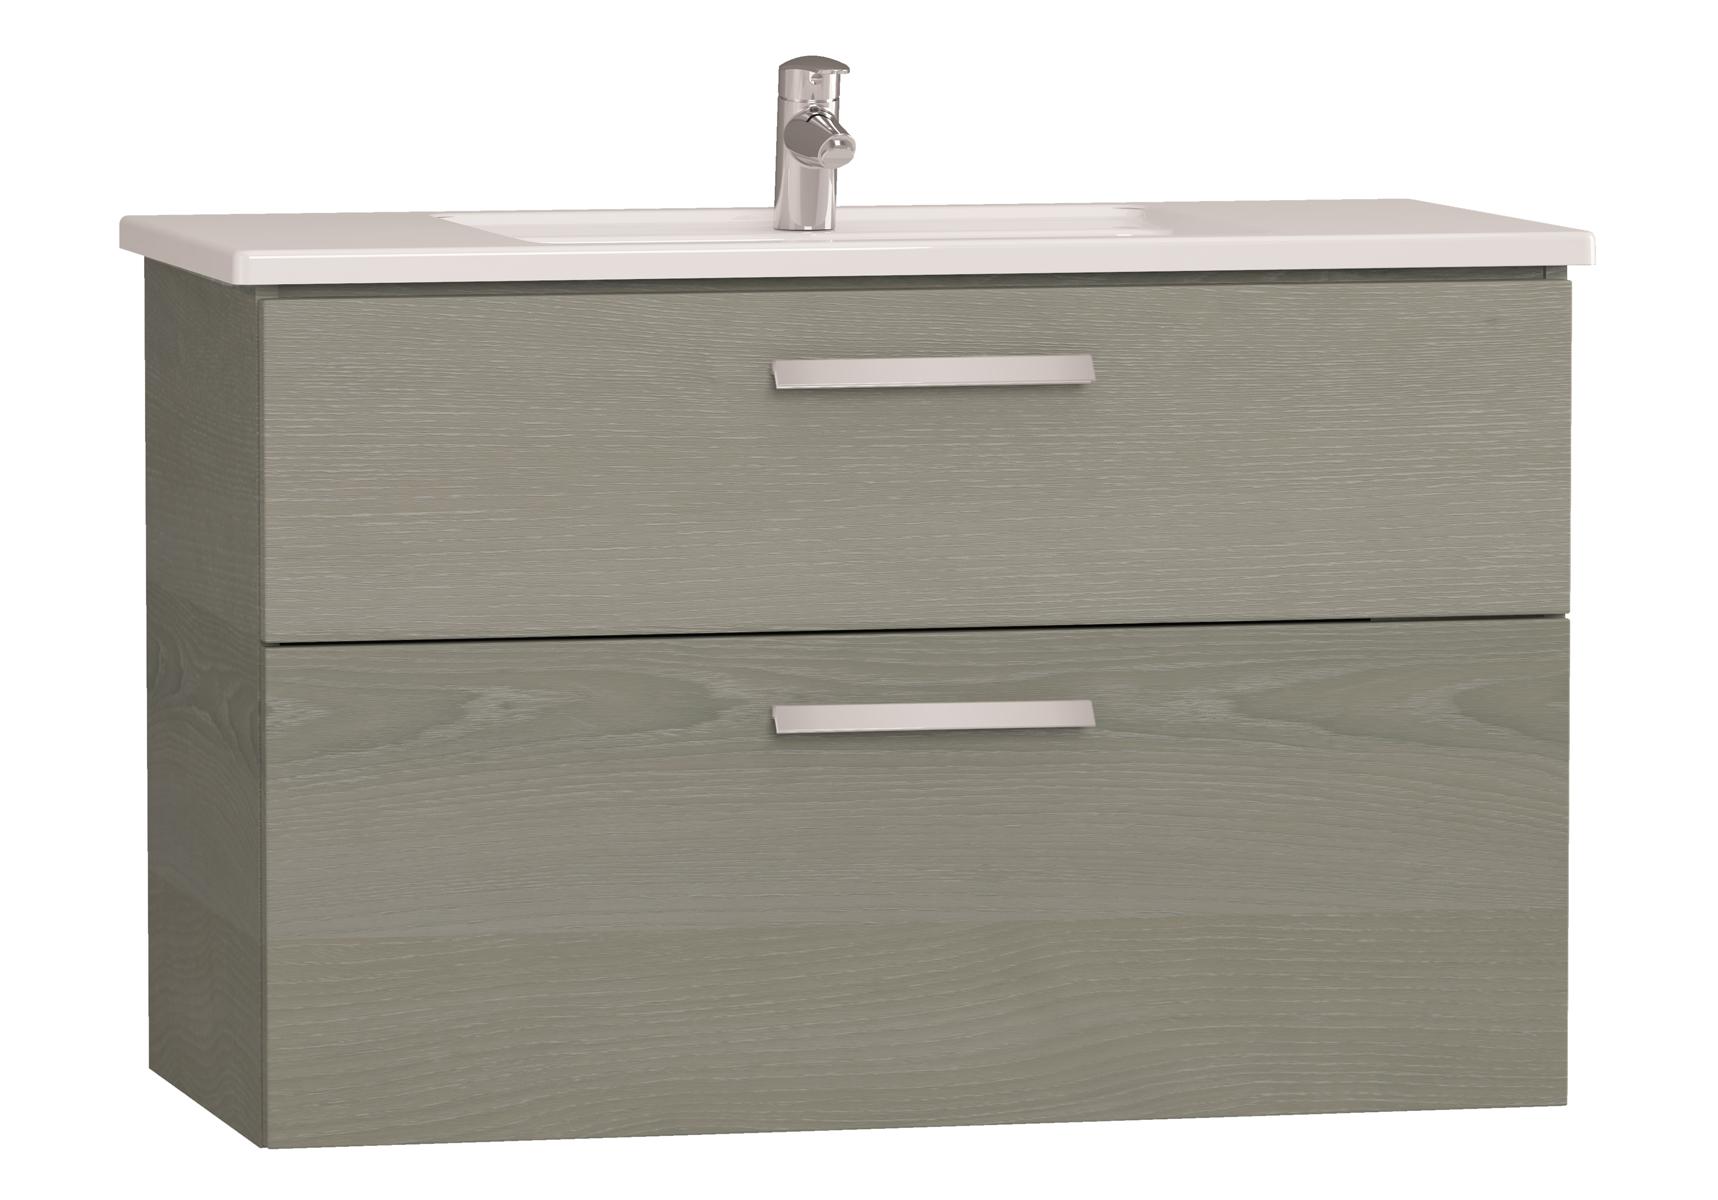 Integra meuble avec plan céramique avec deux tiroirs, 100 cm, chêne gris naturel